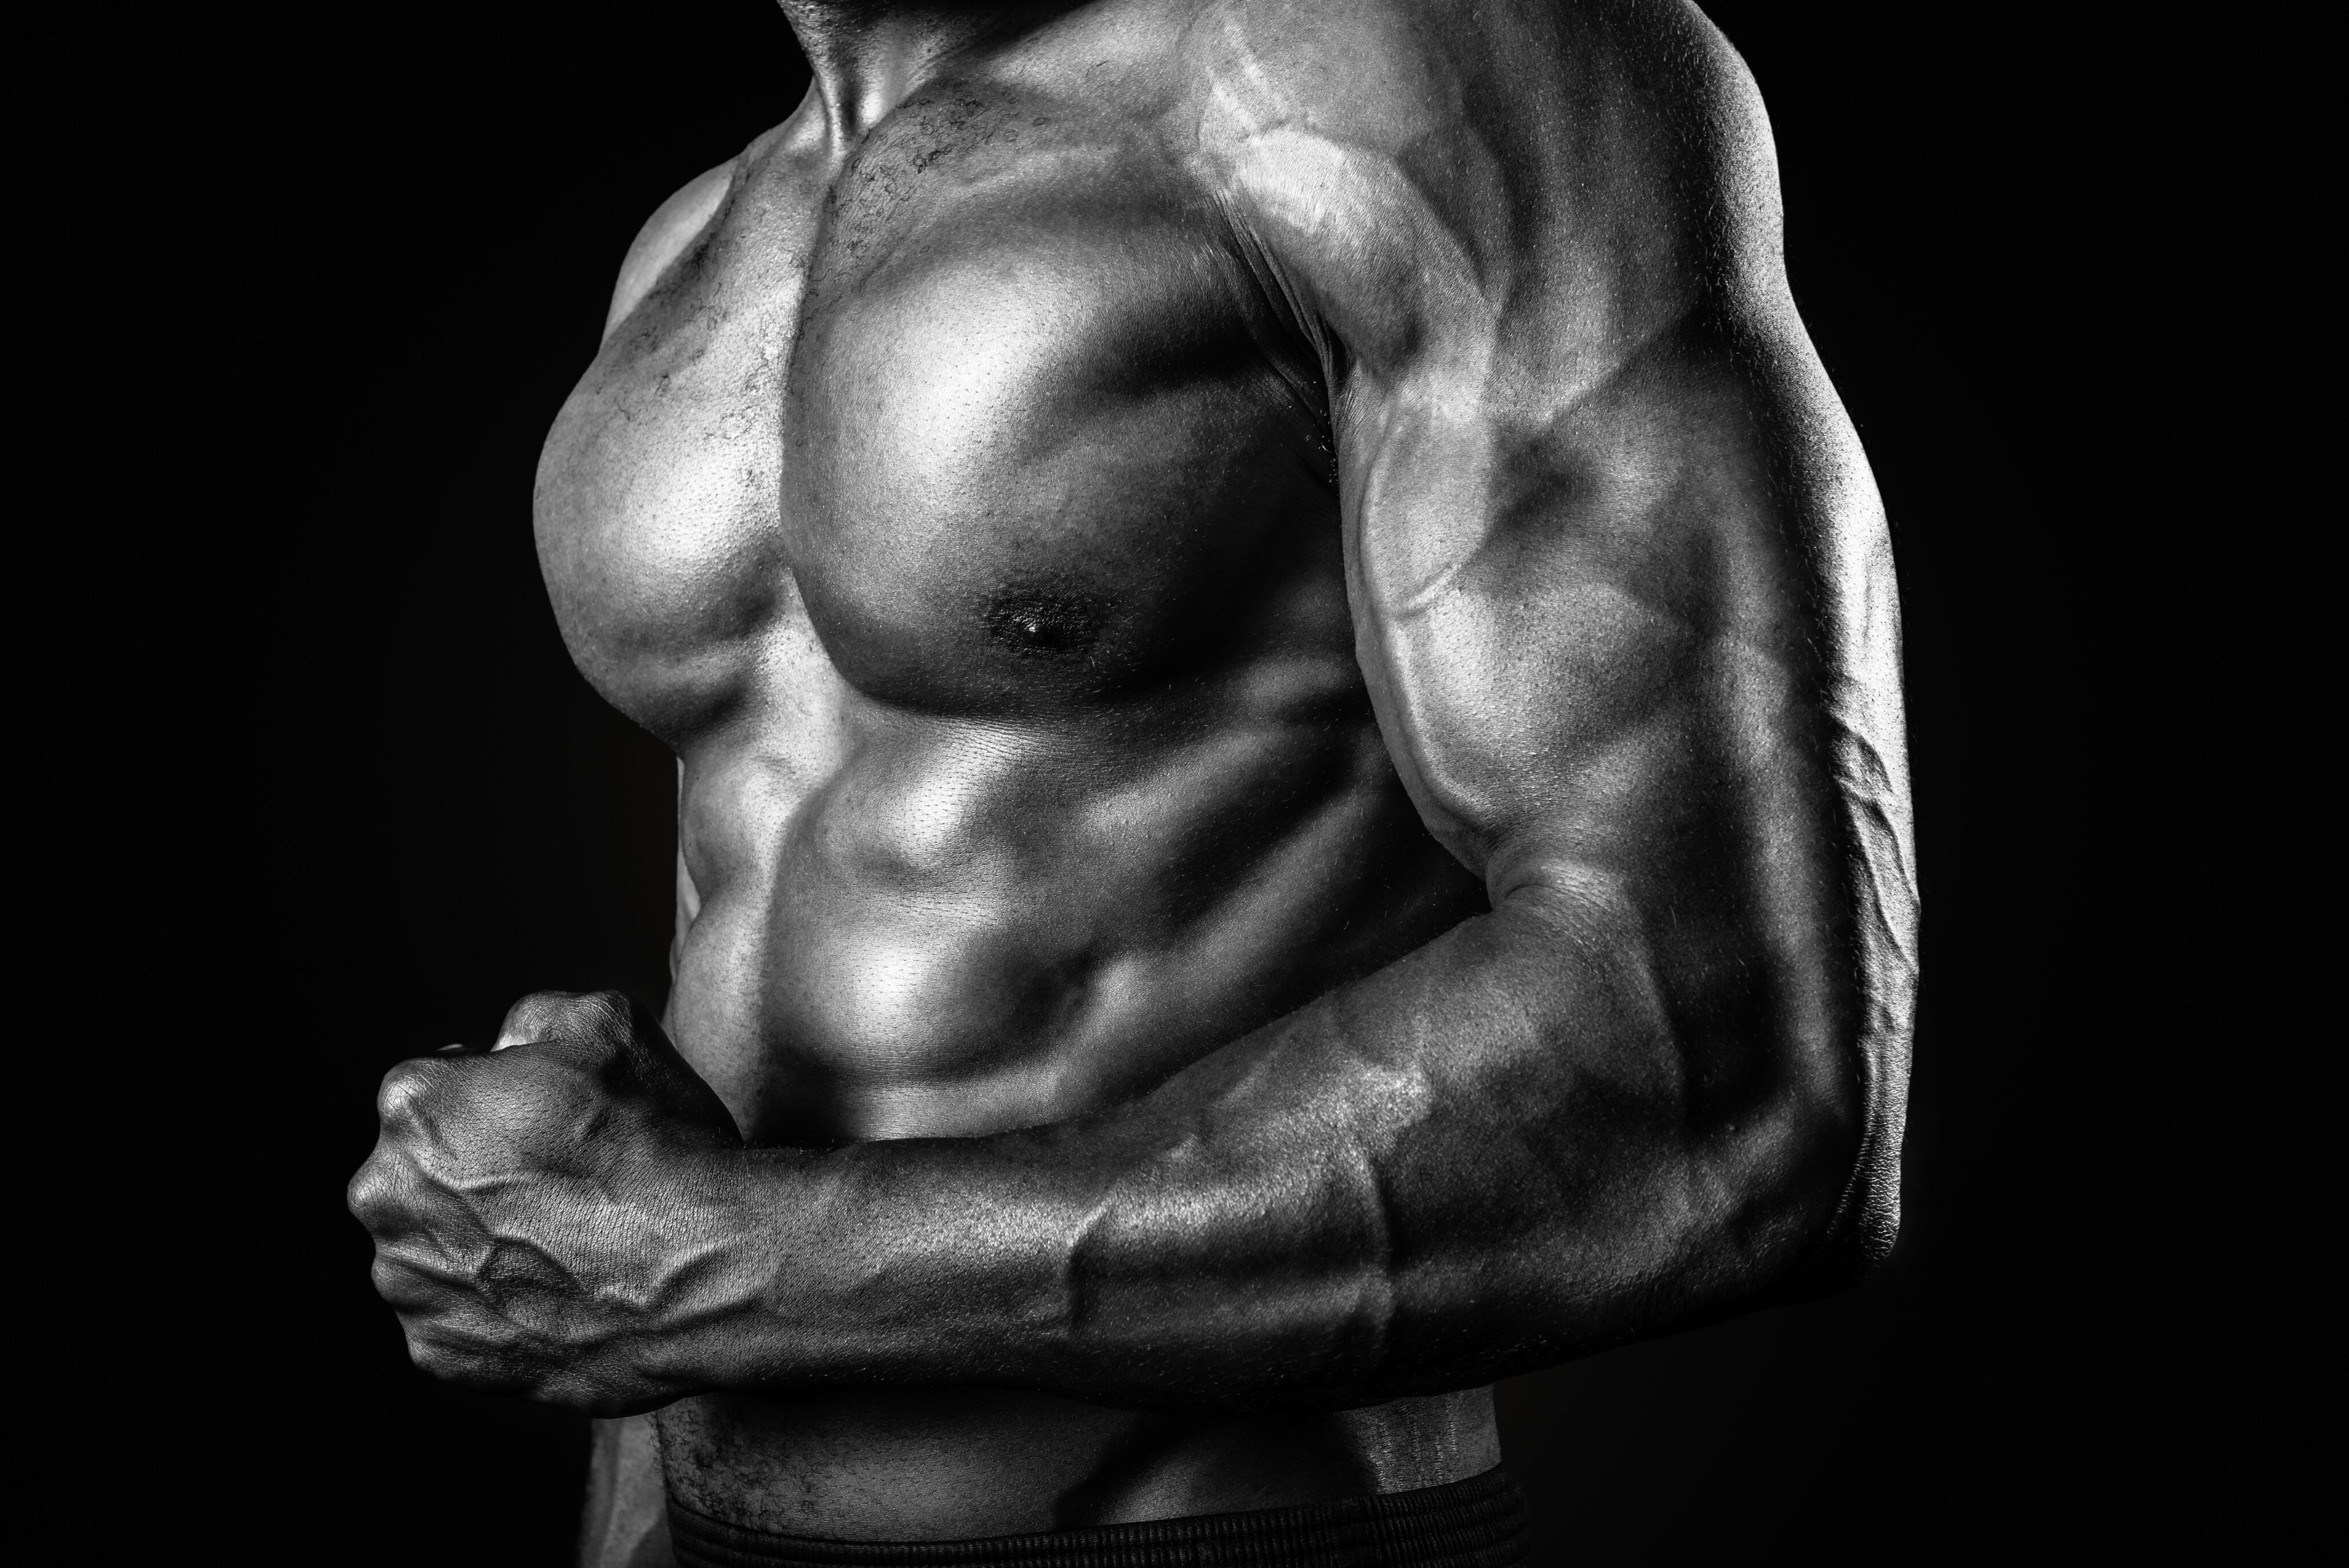 Muskulös man som spänner musklerna